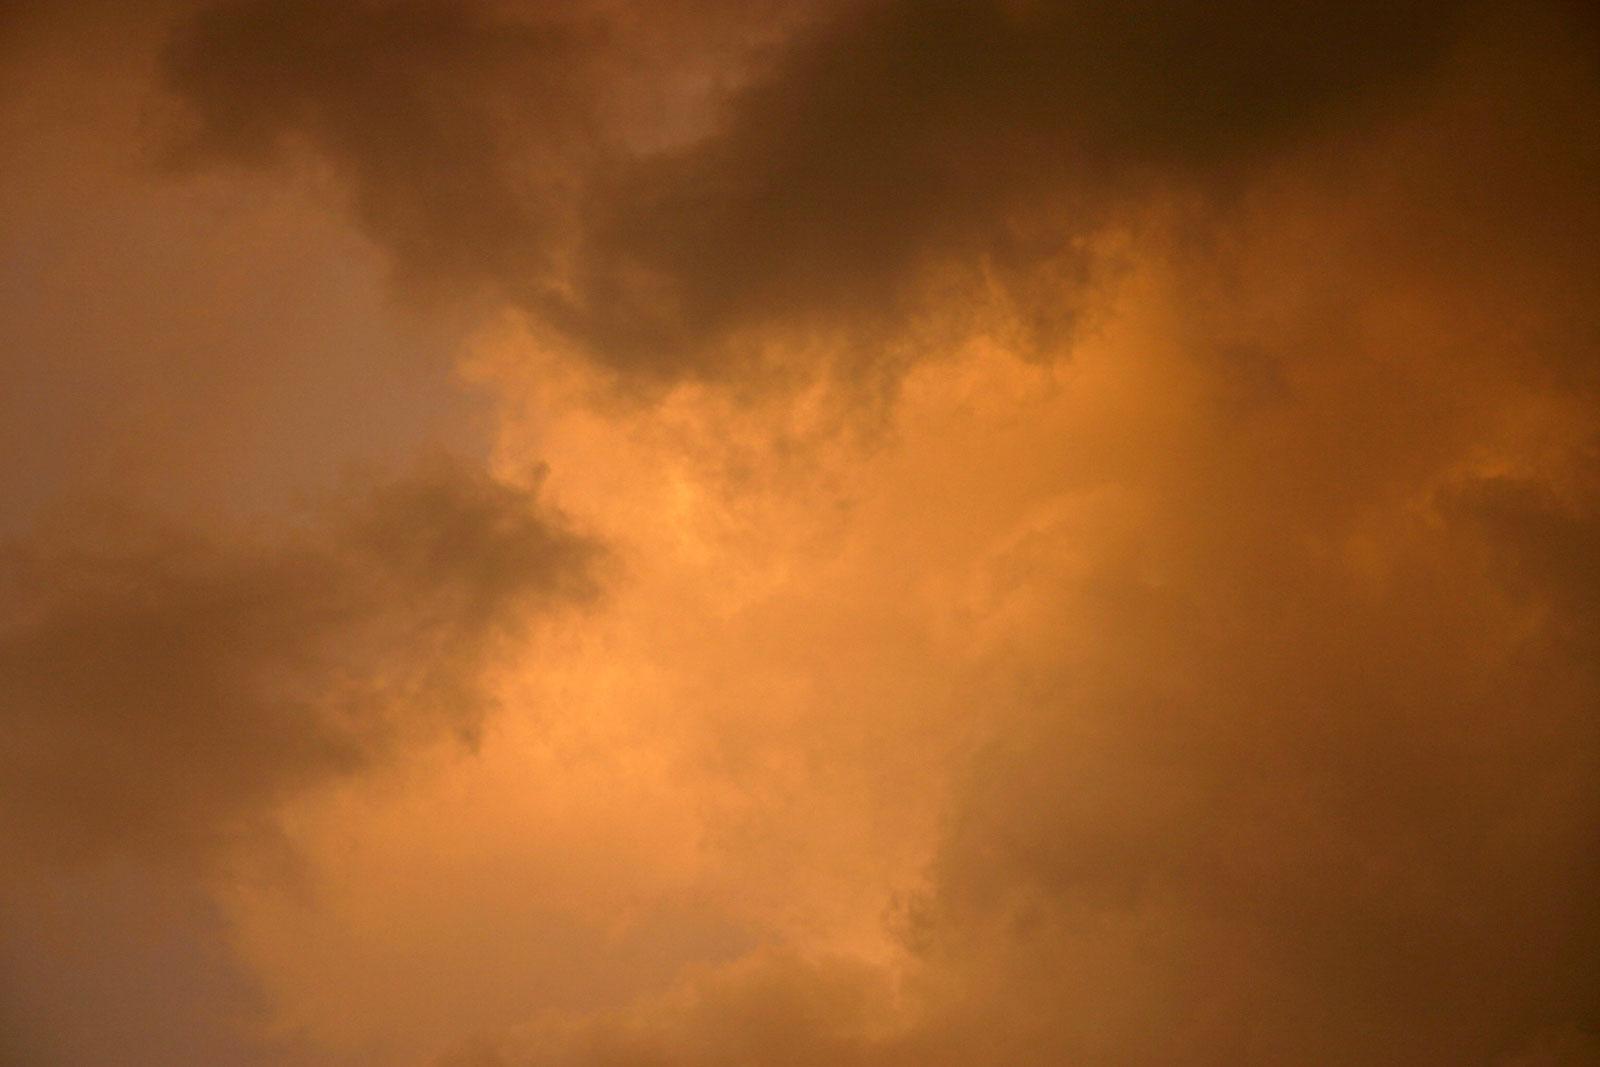 Clouds, Dark, Heaven, Orange, Puffy, HQ Photo